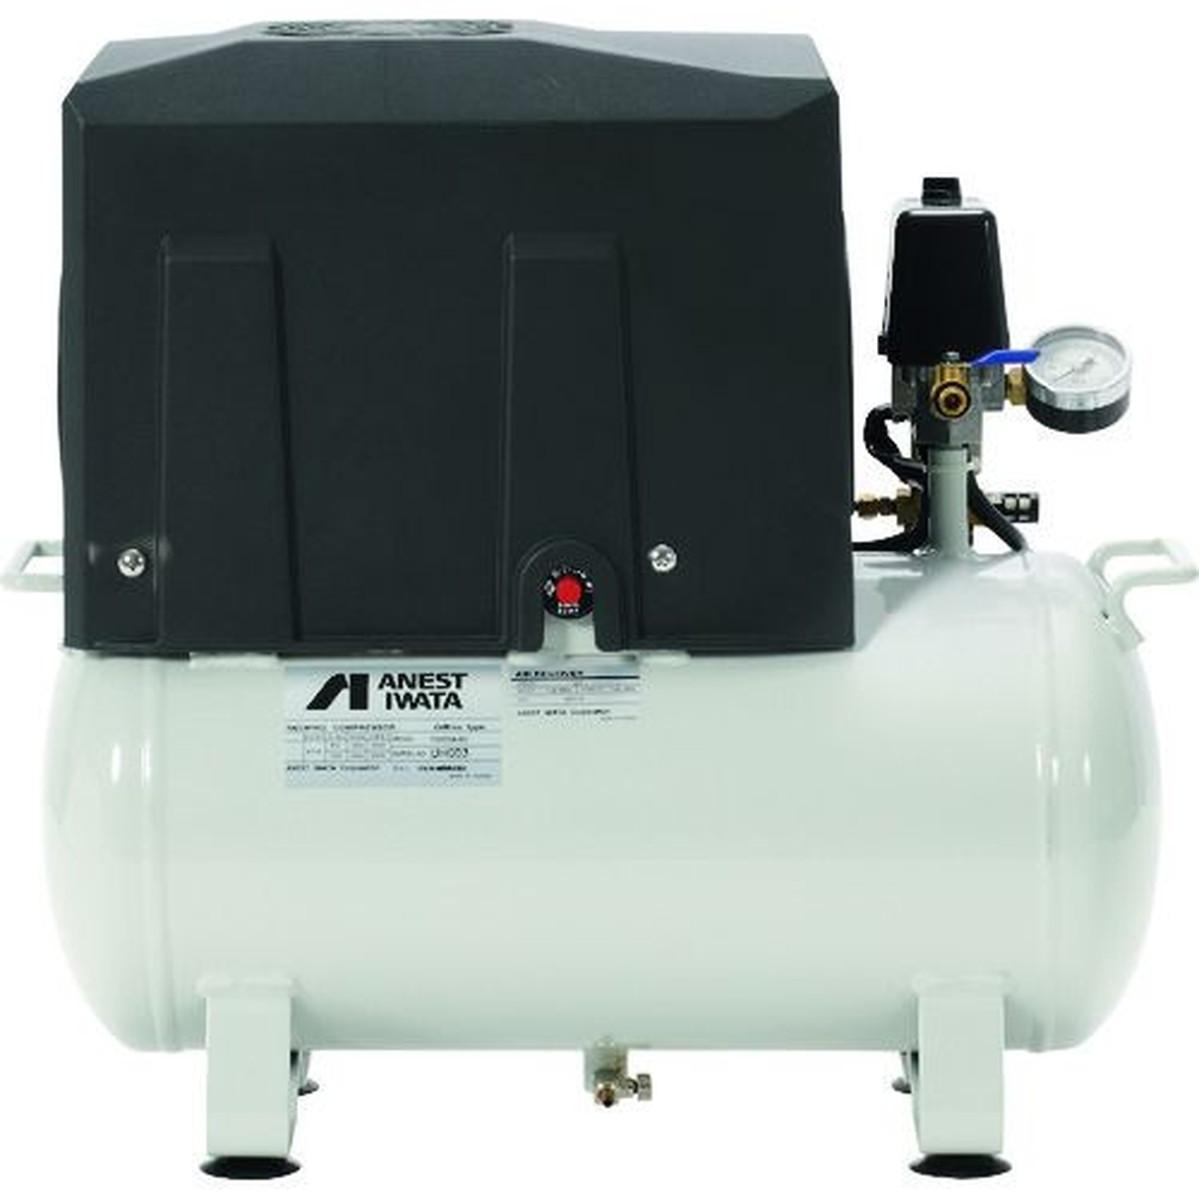 世界的に有名な アネスト岩田 1台 オイルフリーコンプレッサ 0.2KW 三相200V 1台, ablana(マザーズ生活雑貨):e246a92c --- dibranet.com